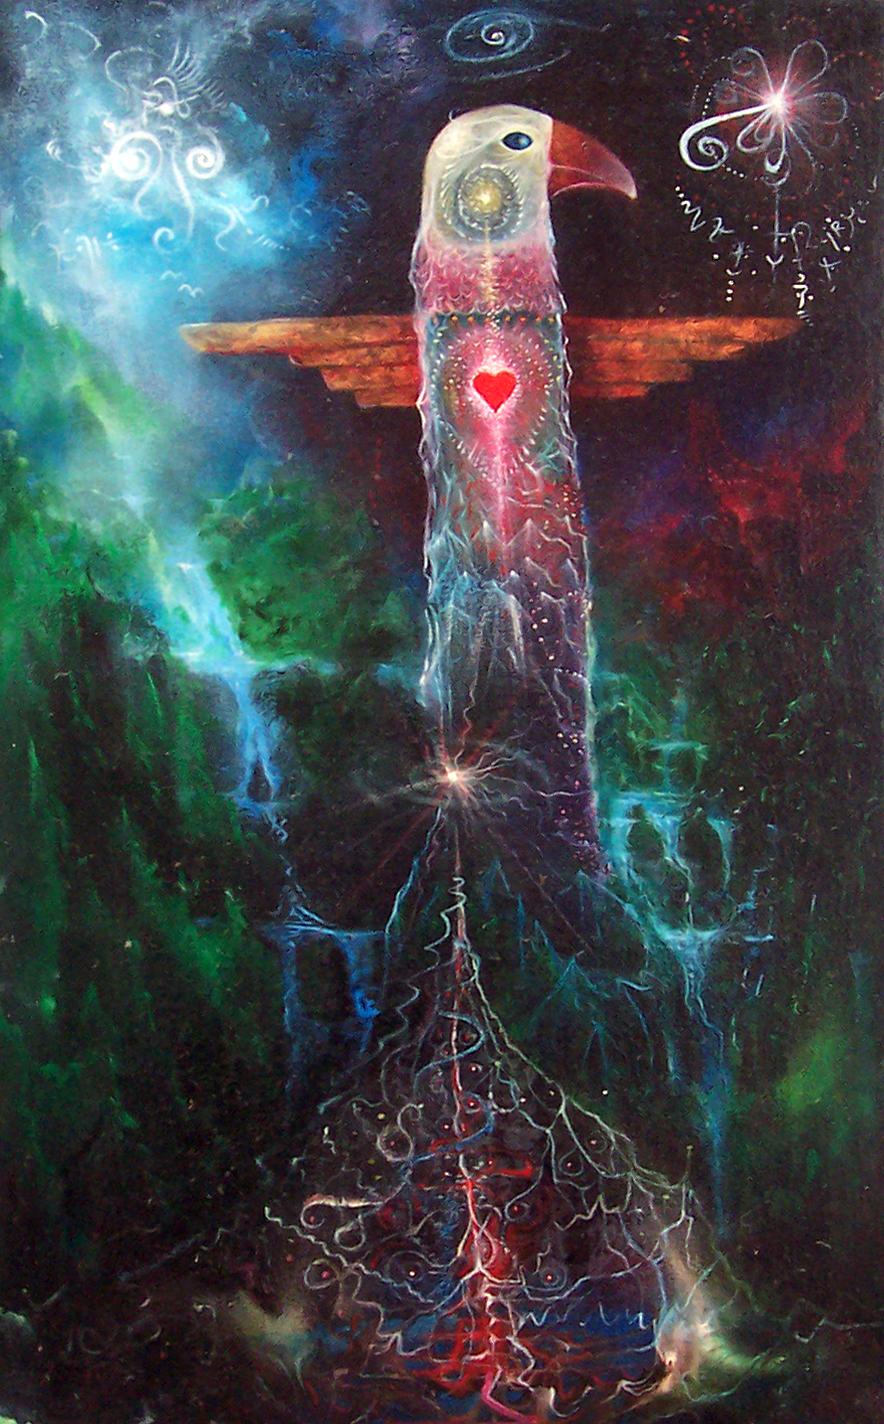 Totem of love - by Josip Csoor